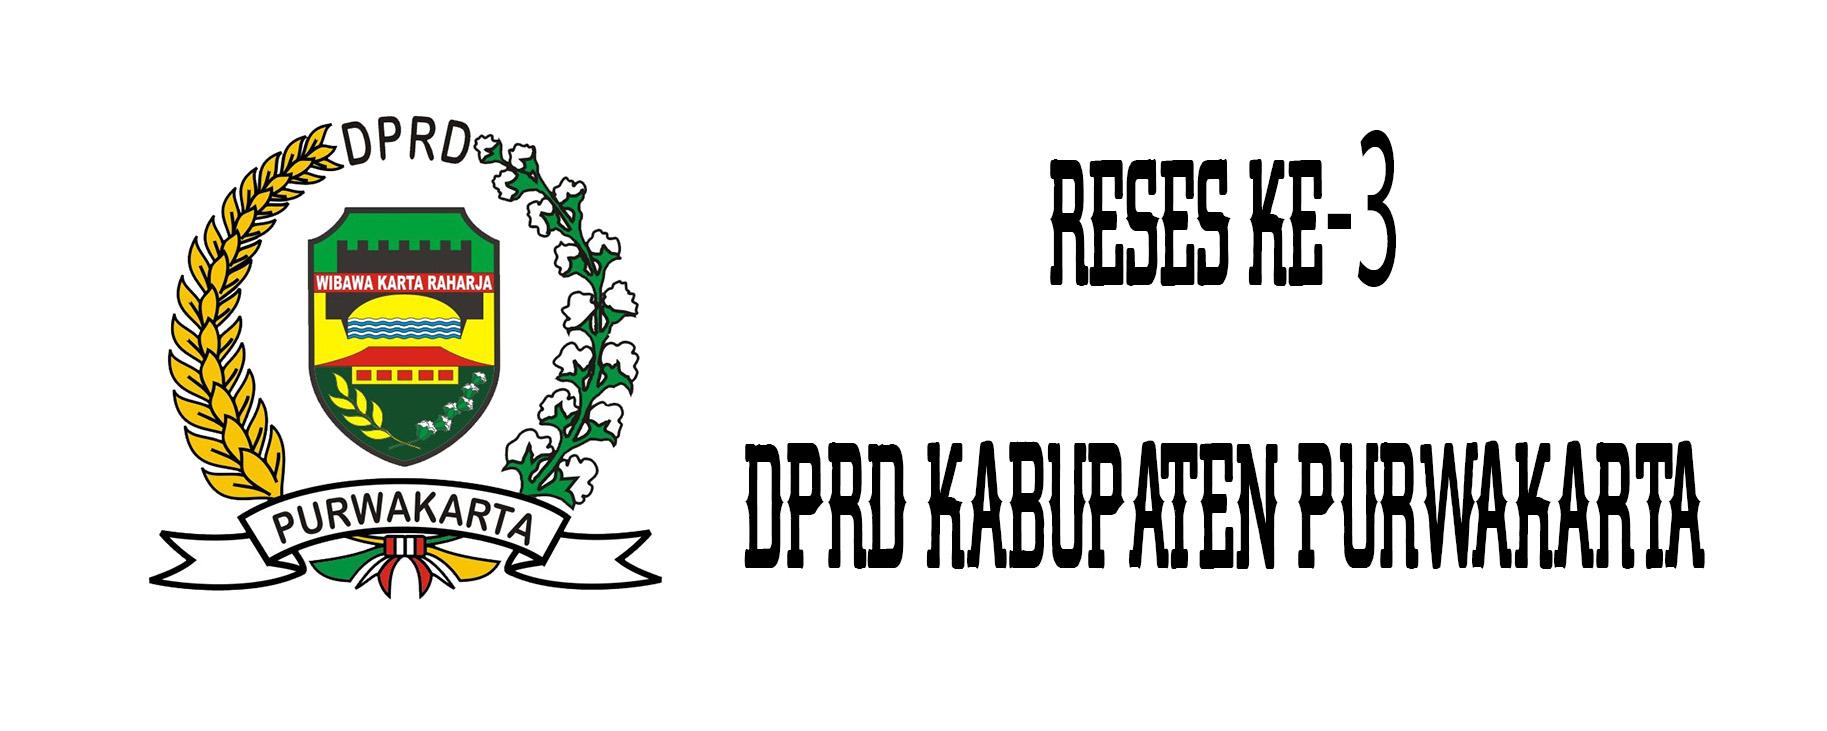 KEGIATAN RESES KE-3 DPRD KABUPATEN PURWAKARTA